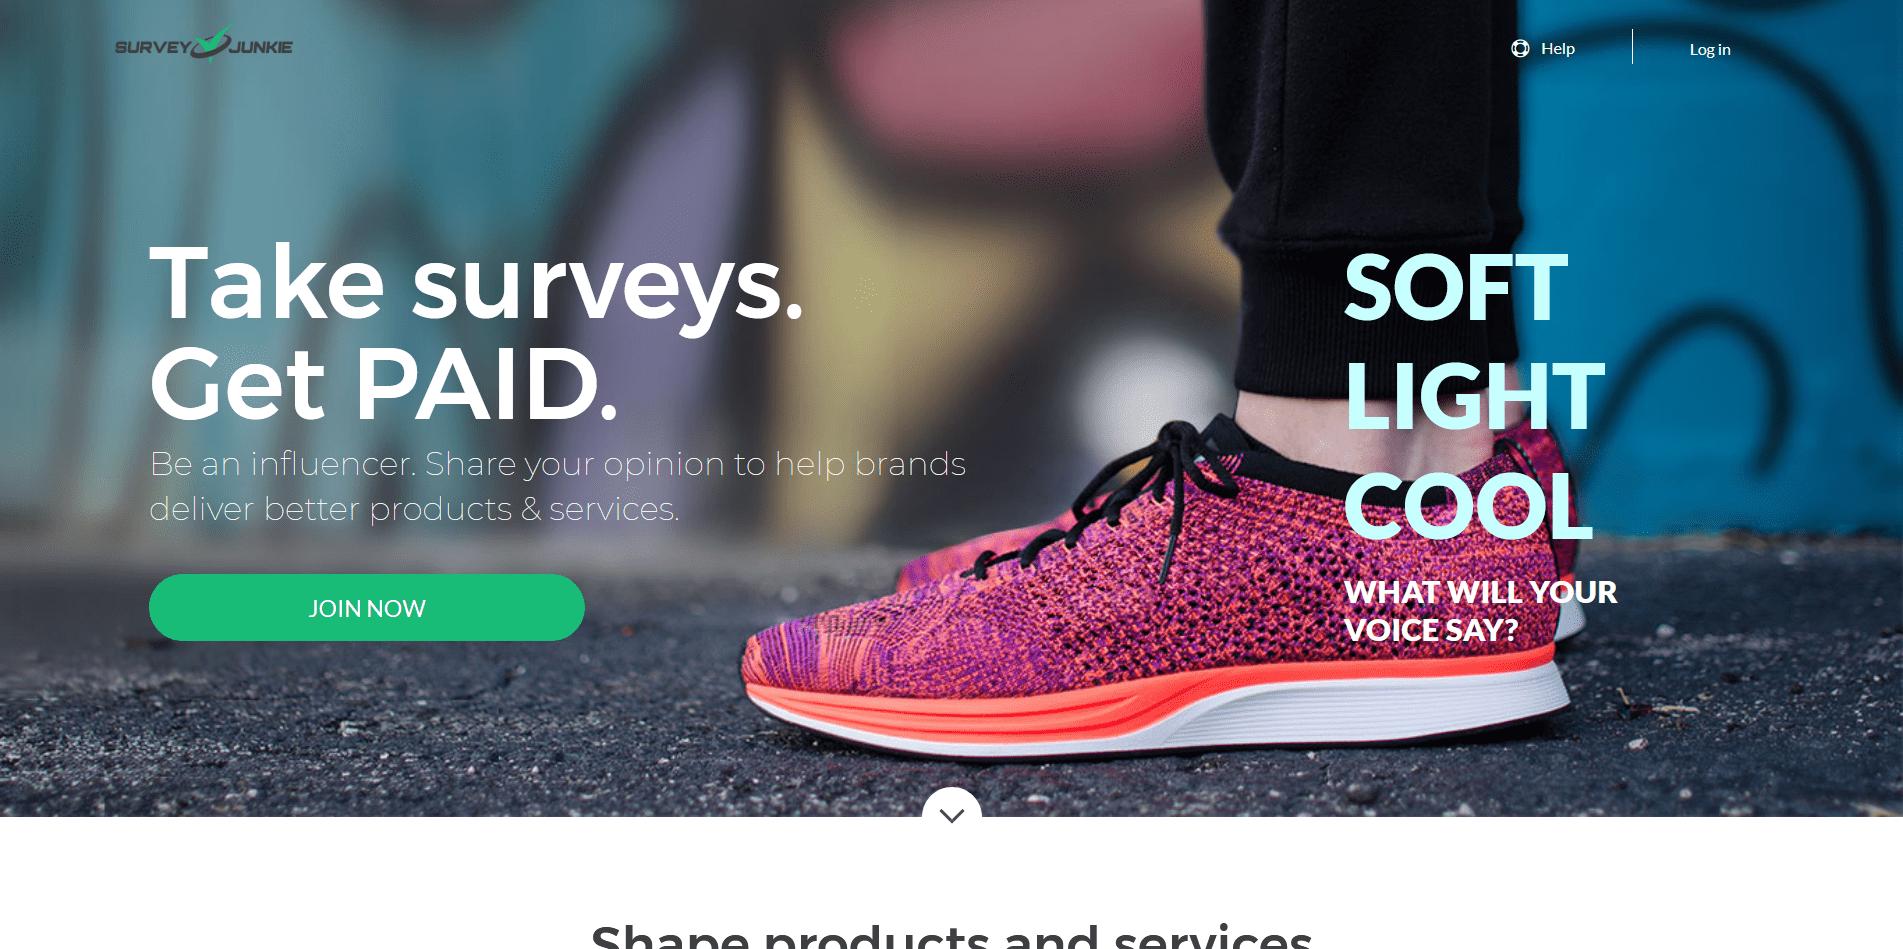 Survey-Junkie.png